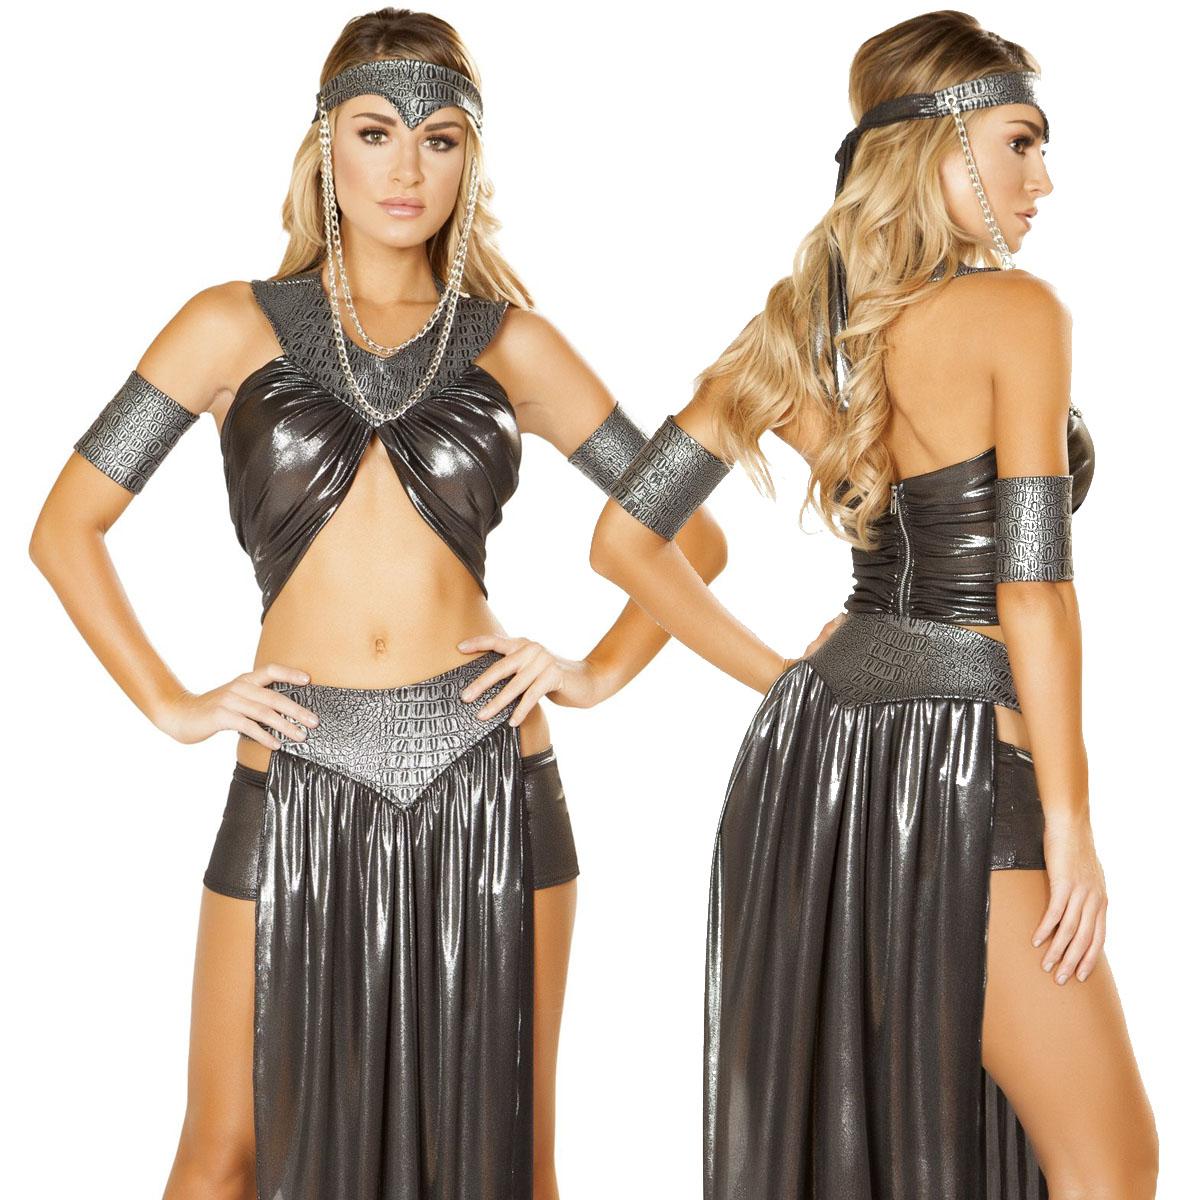 海外ブランド ROMA ローマ コスチューム 大人コスプレ ハロウィン衣装 ゲーム ドラゴンクイーン5点セット 衣装 仮装 パーティー イベント パレード